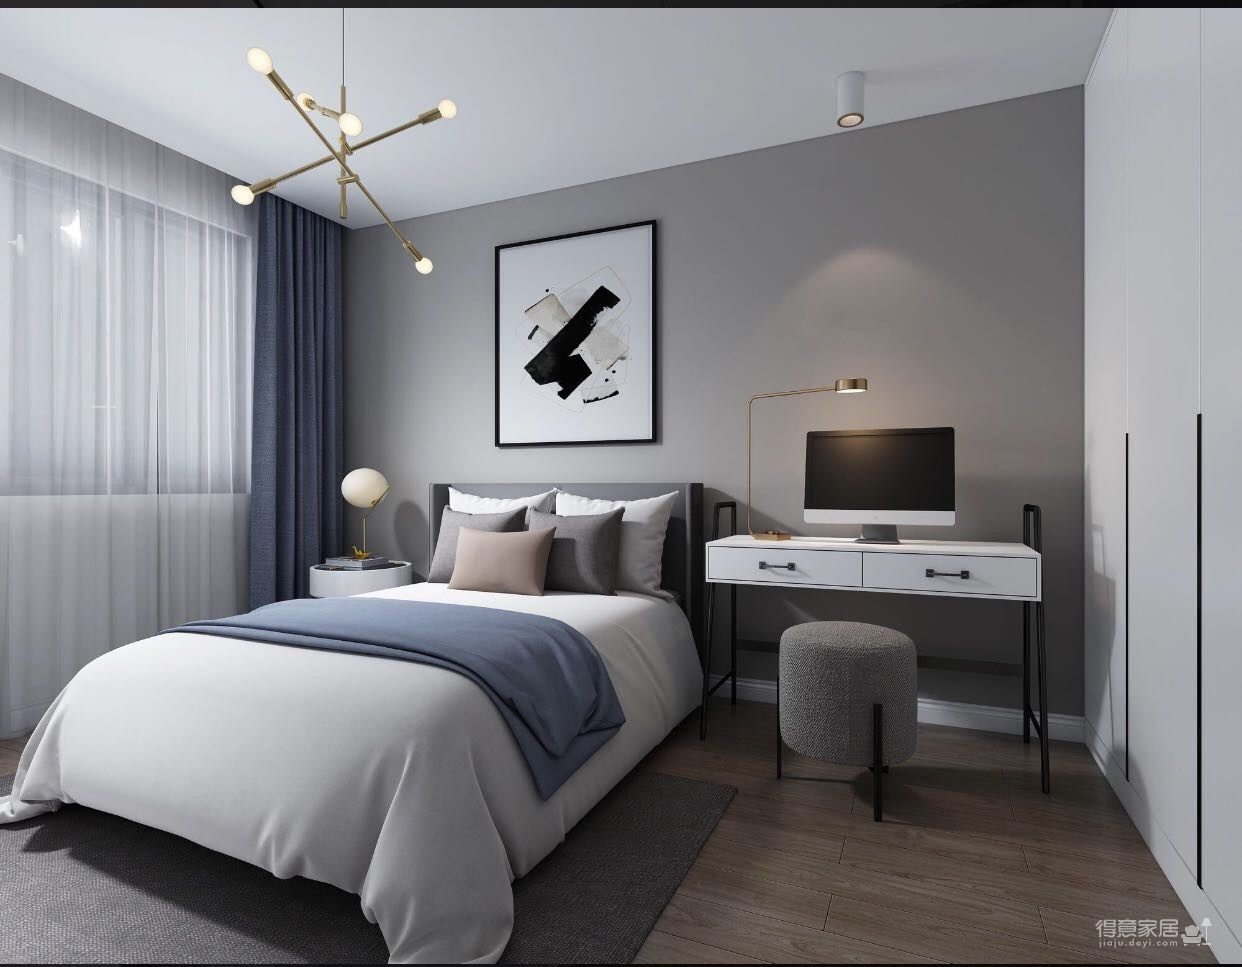 嘎纳印象145平米-现代简约-舒适的现代生活